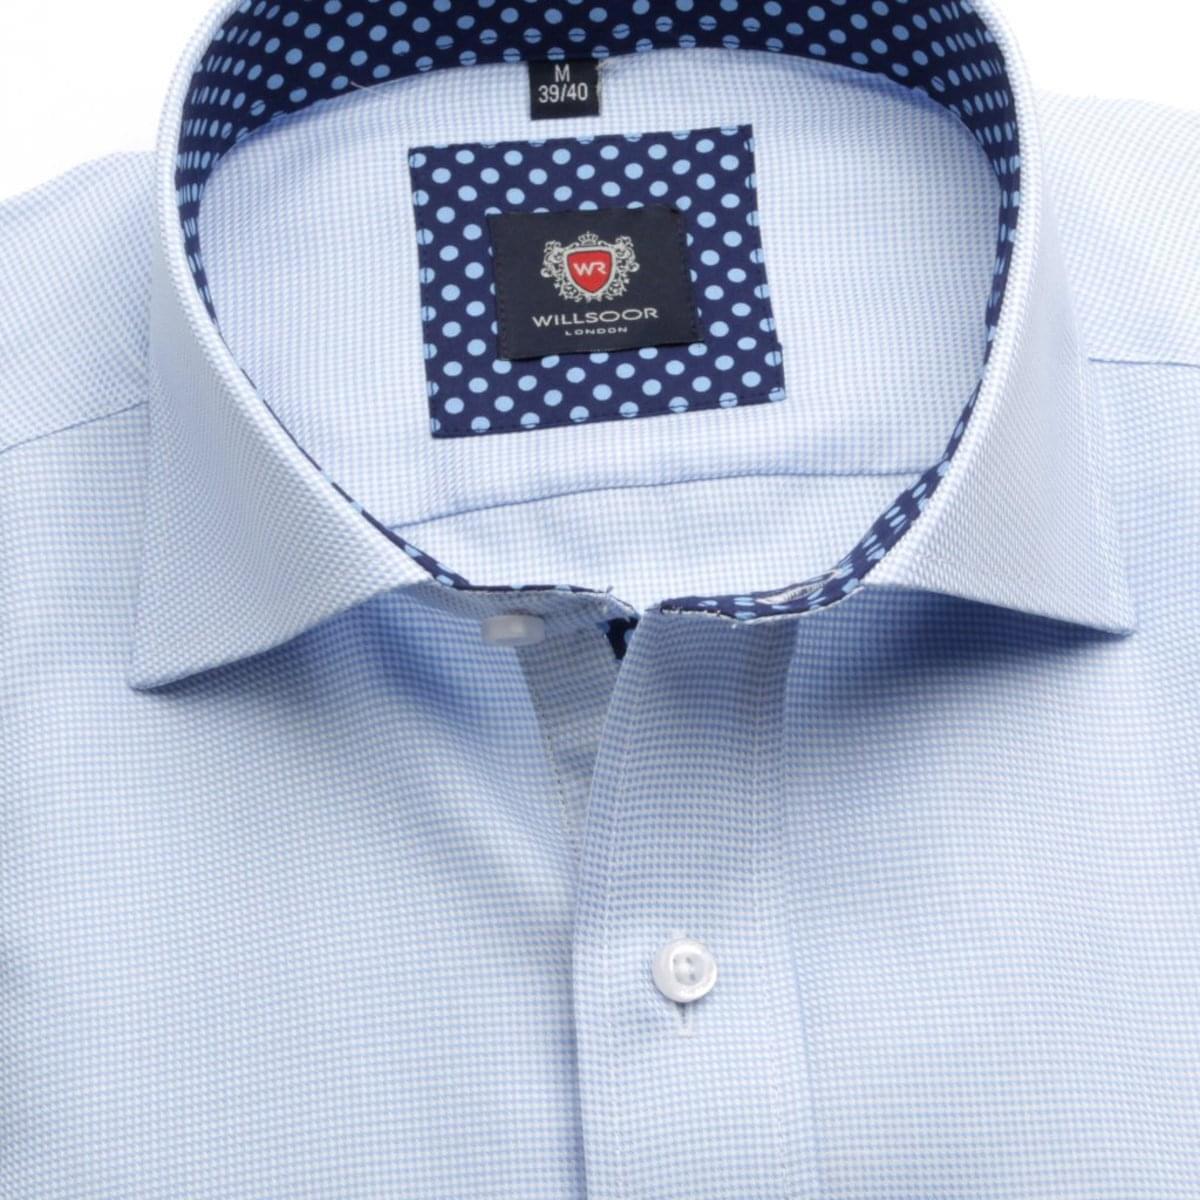 Pánská slim fit košile London (výška 176-182) 6031 v modré barvě s úpravou Easy Care